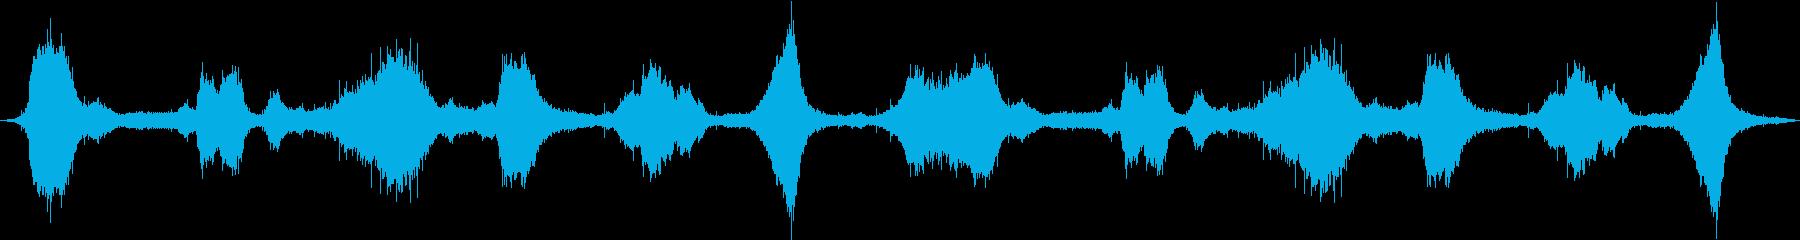 ヘビー、オーシャン、サーフ、ウェーブの波の再生済みの波形